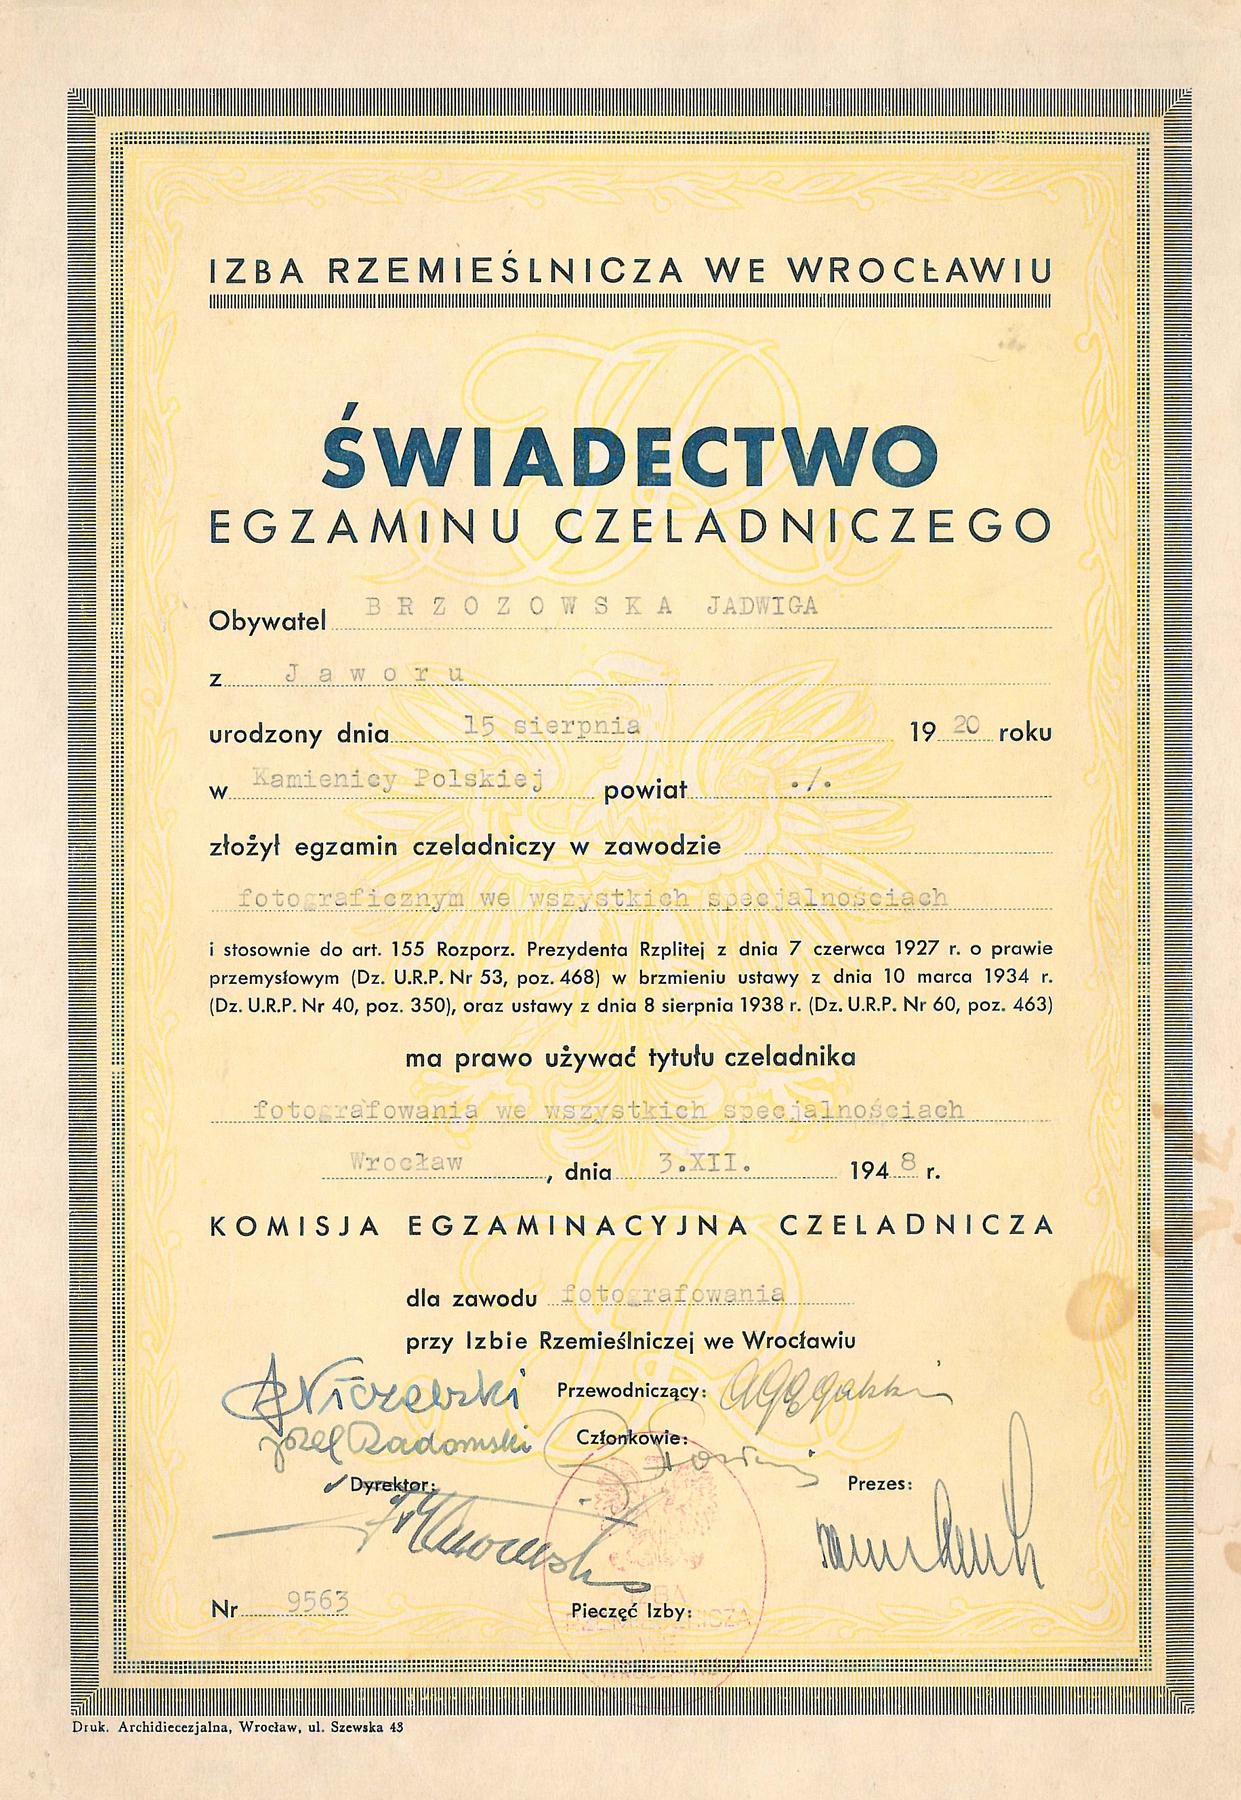 Świadectwo egzaminu czeladniczego Brzozowska Jadwiga